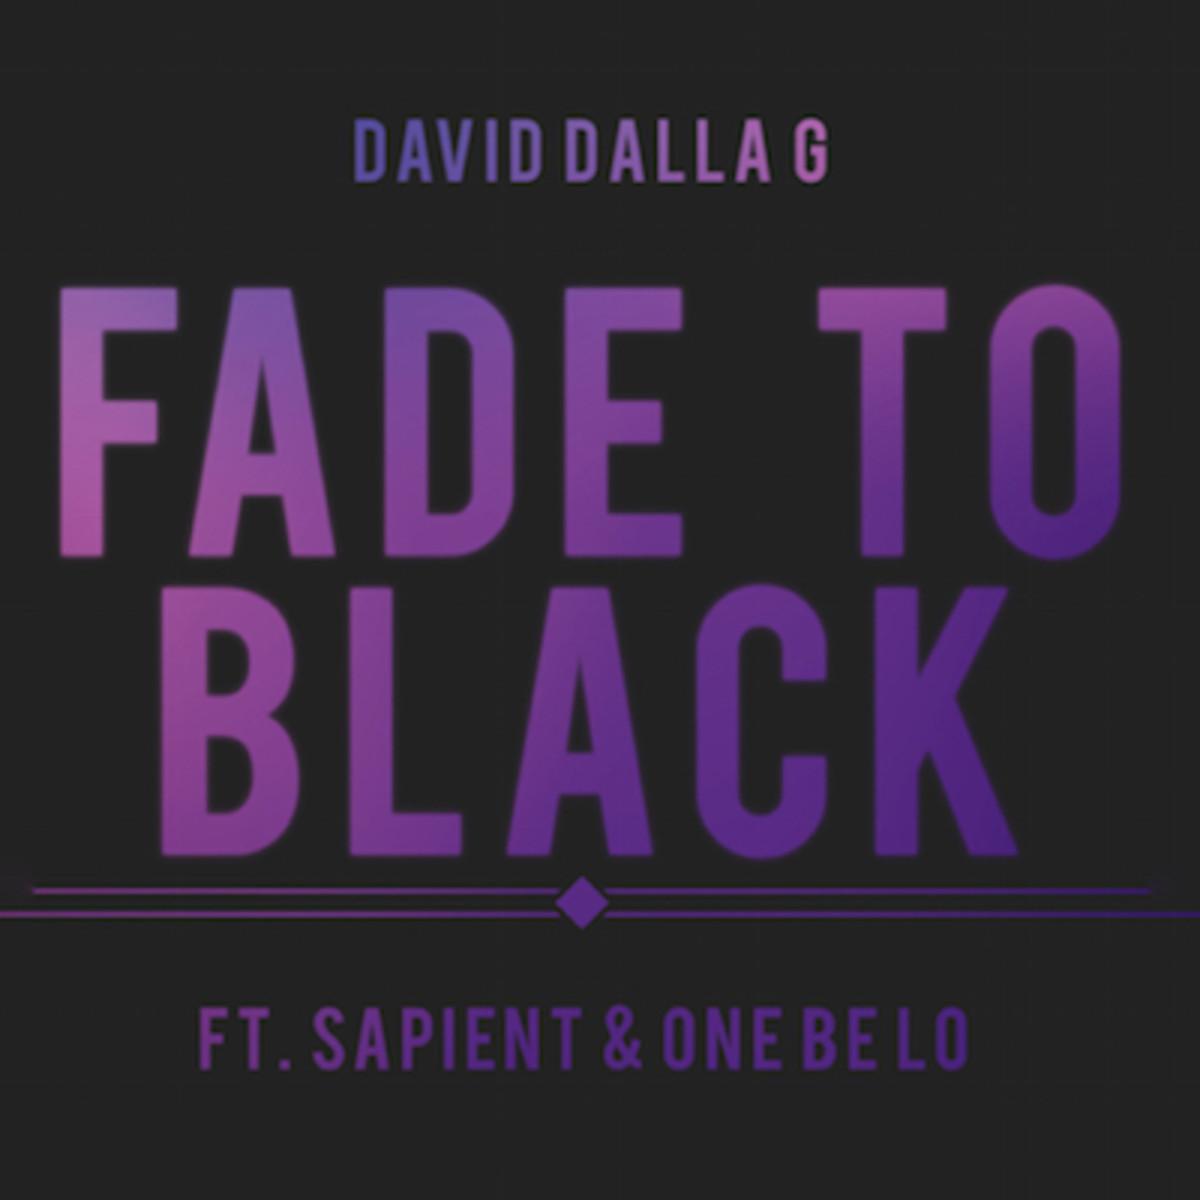 david-dalla-g-fade-to-black.jpg